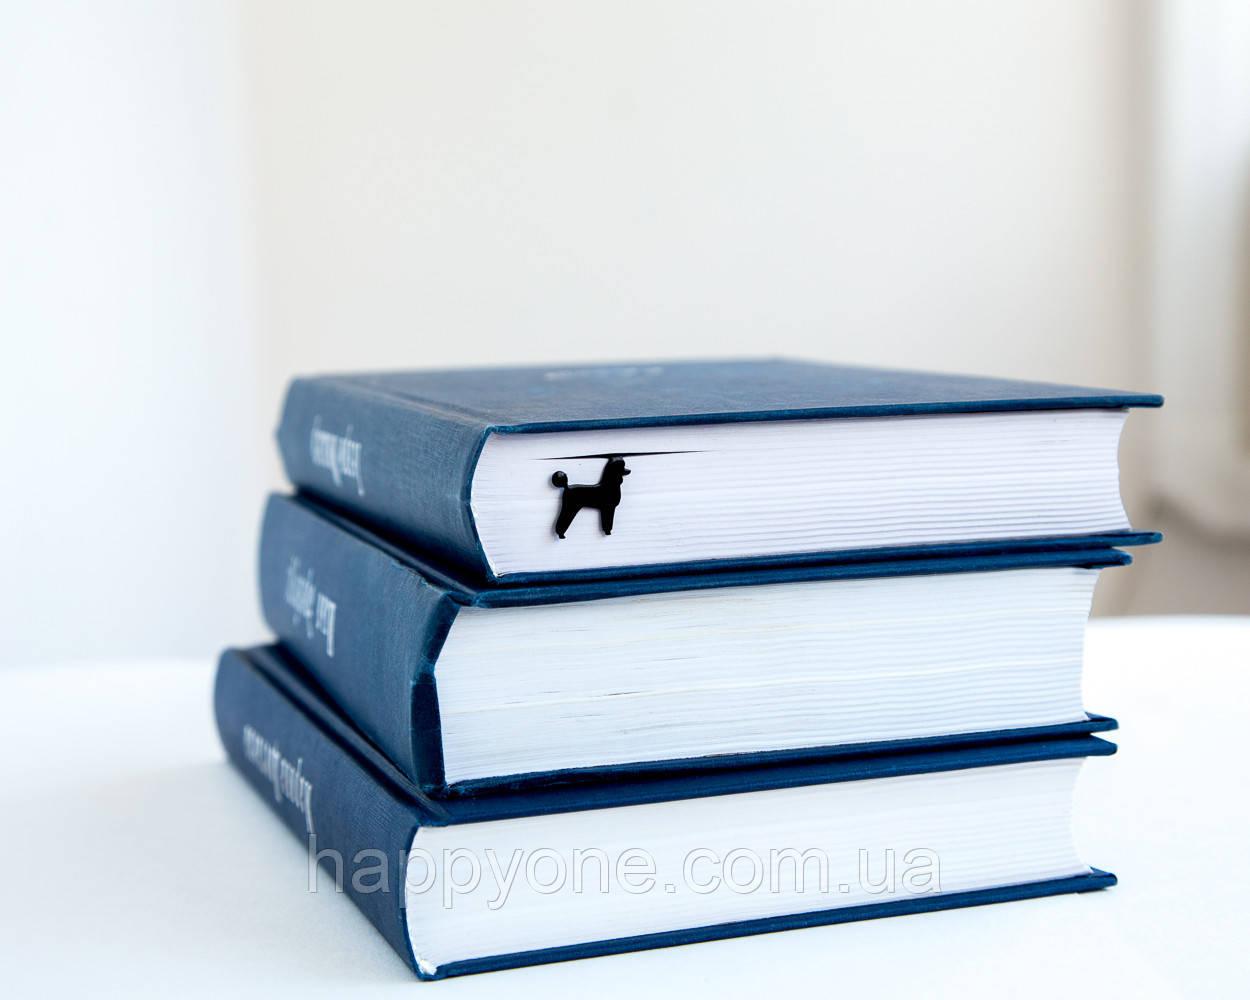 Закладка для книг Пудель